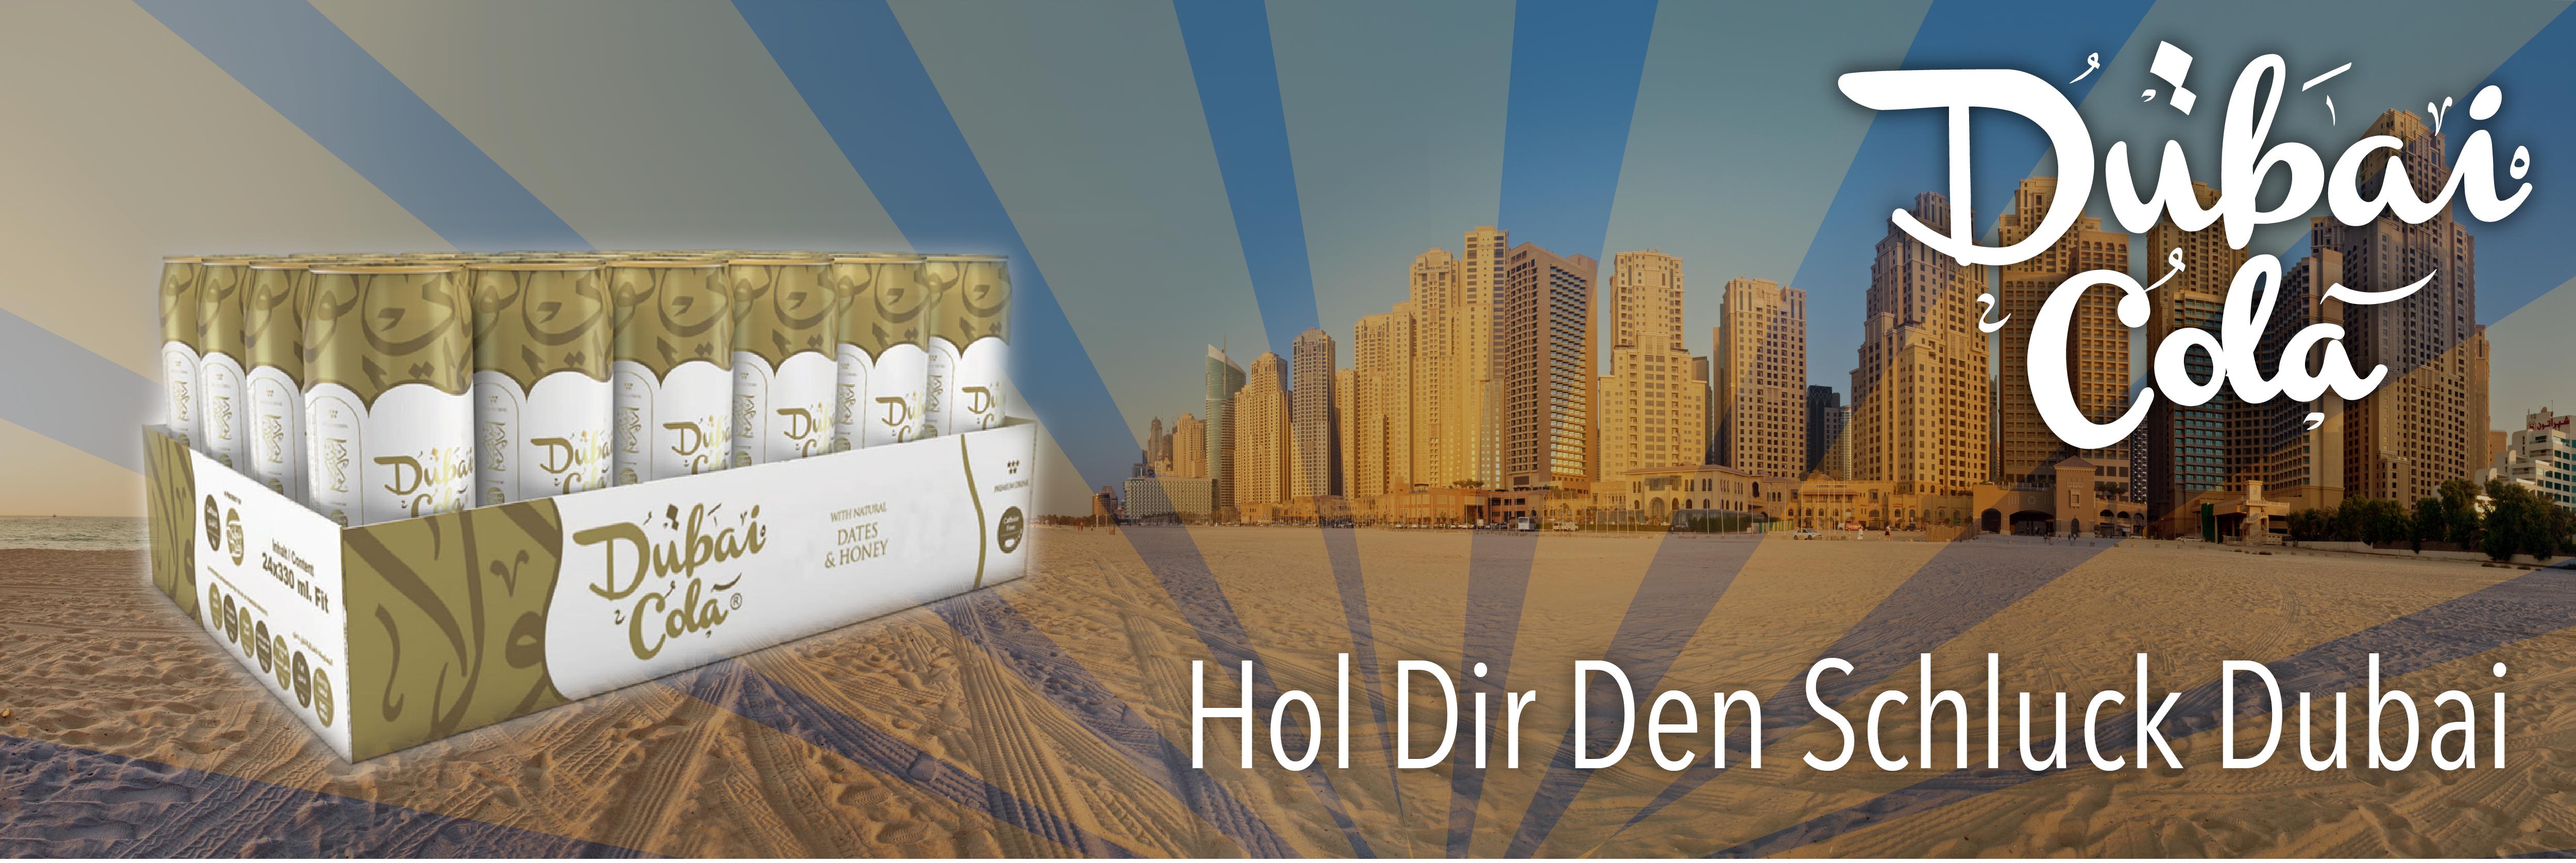 NEU IM SORTIMENT - DUBAI COLA